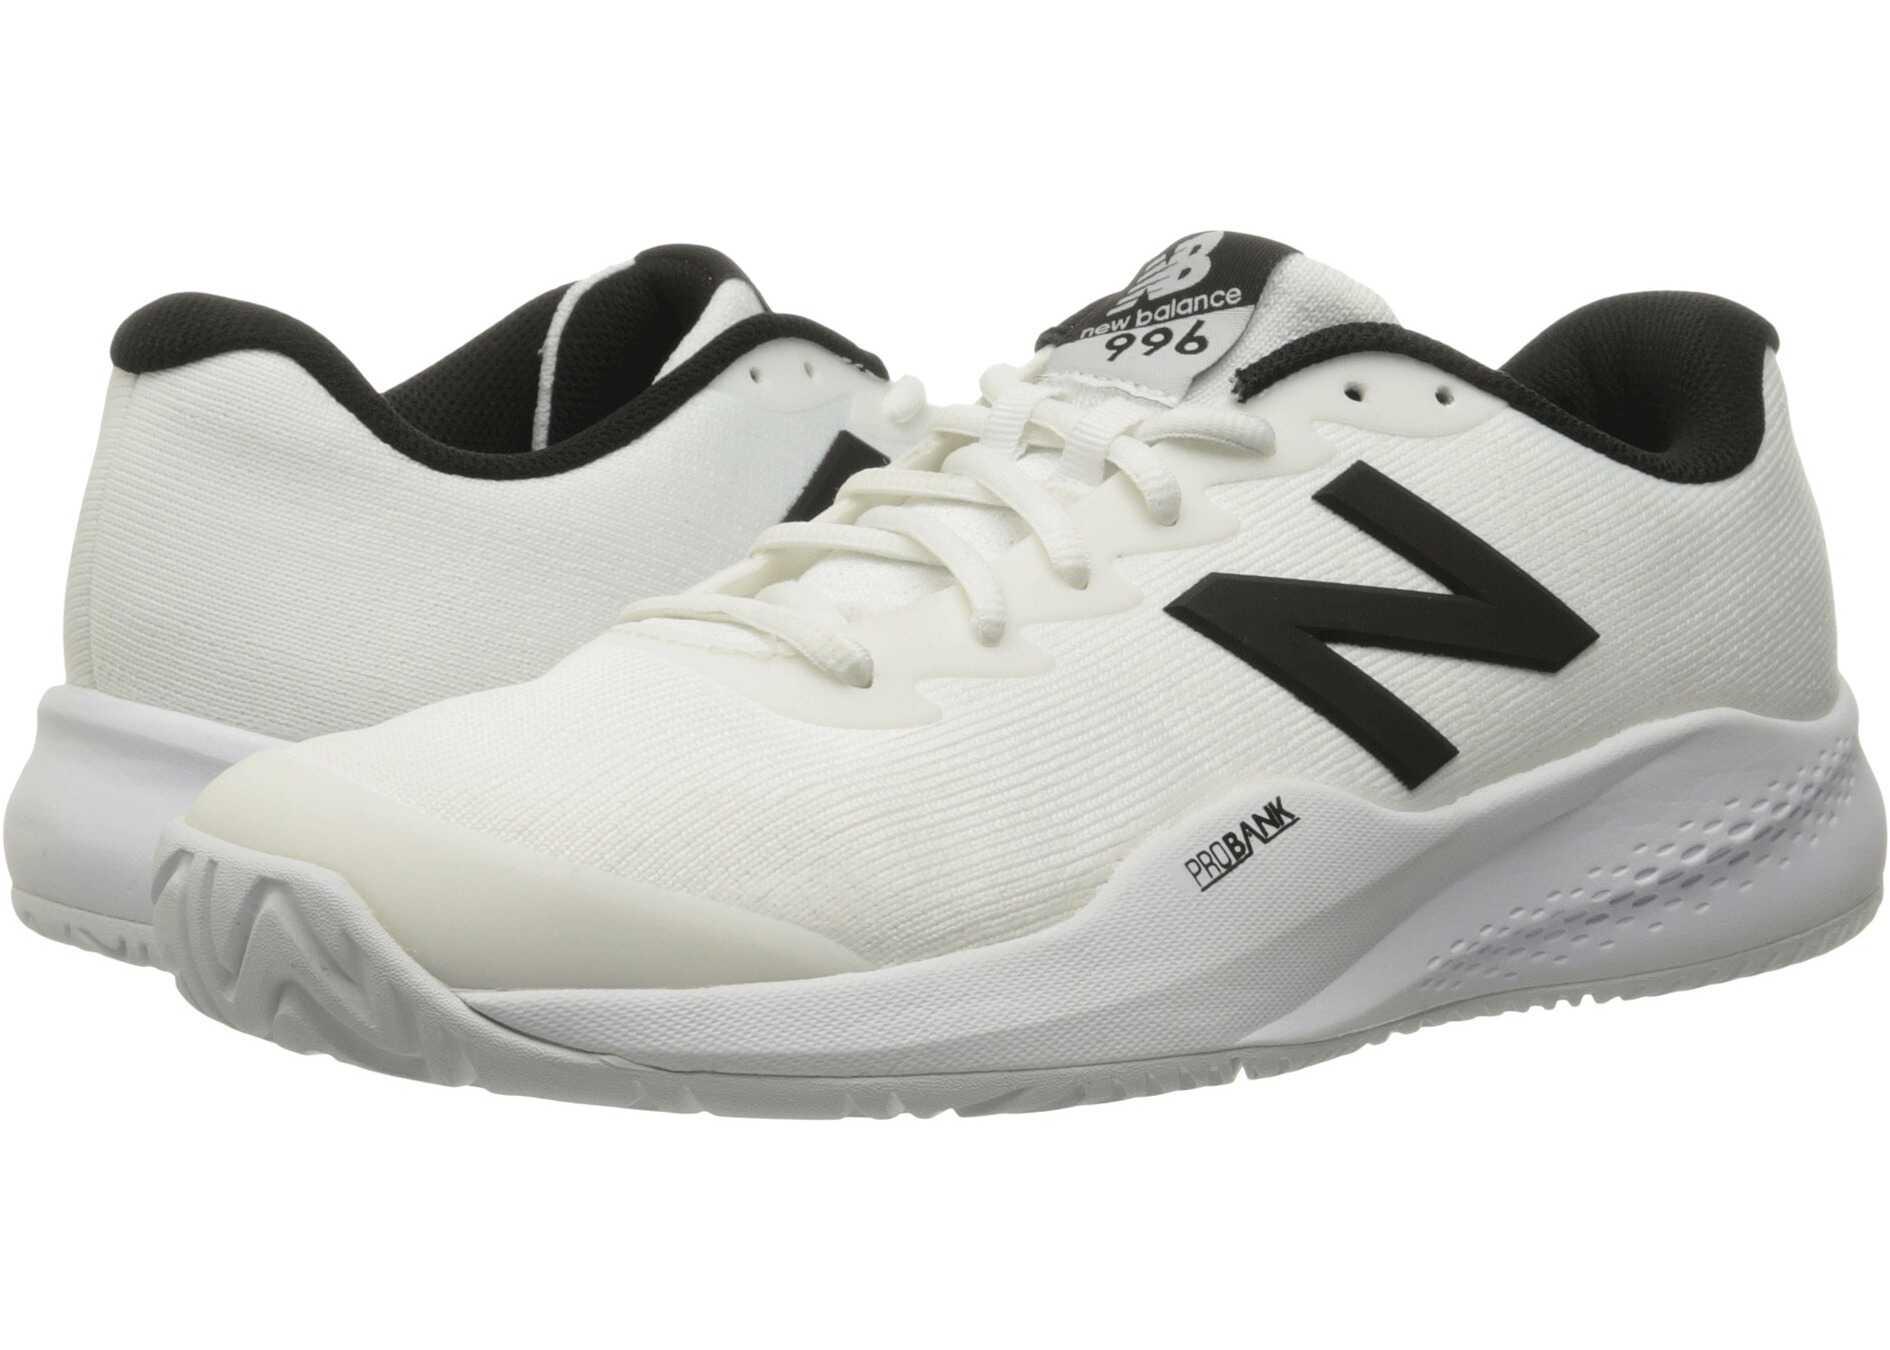 New Balance MC996v3 White/Black